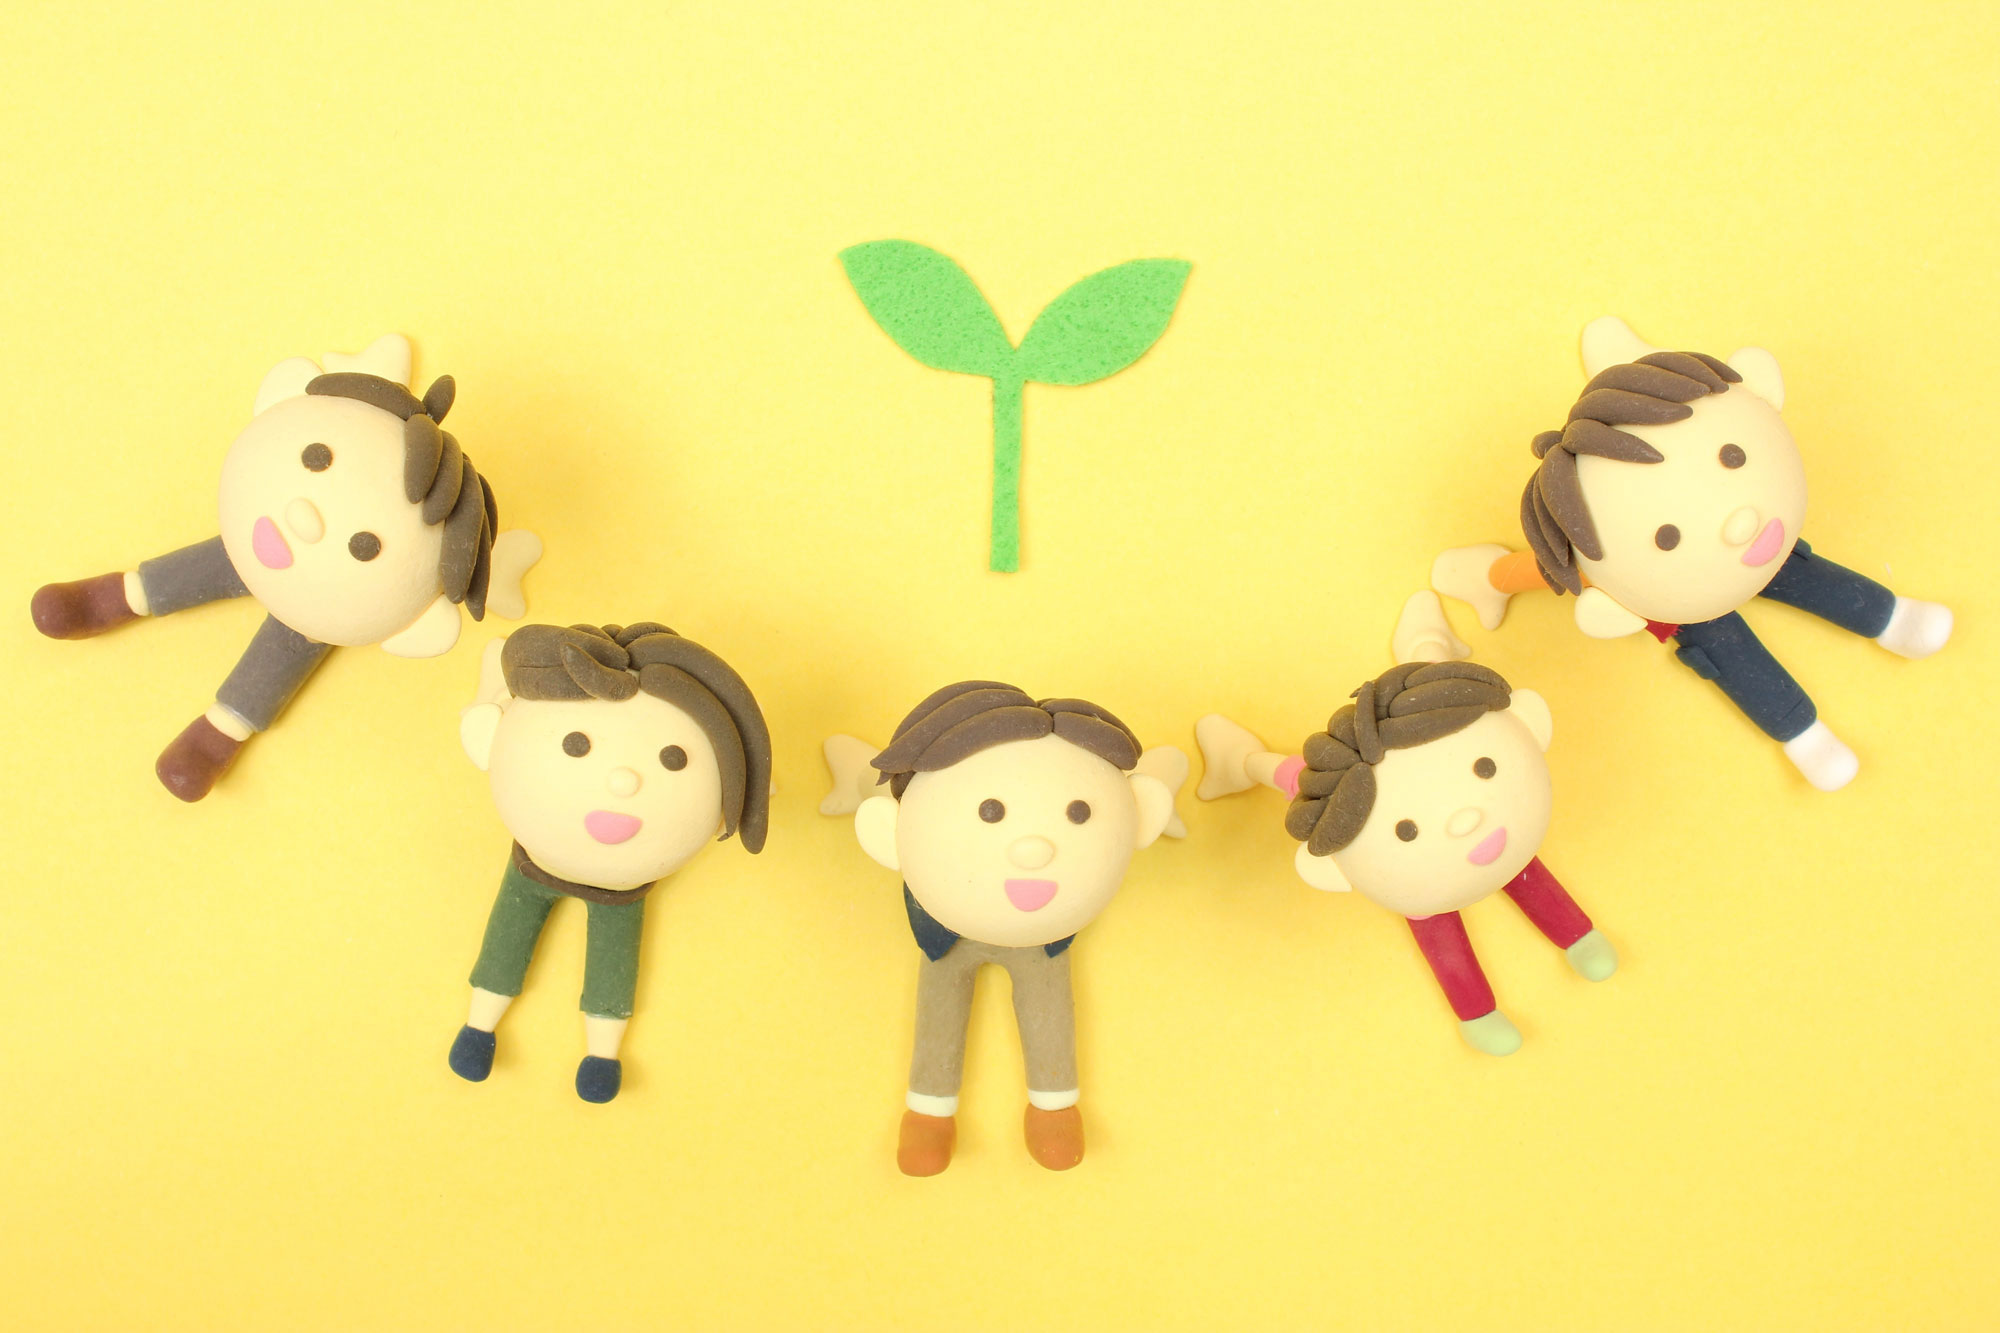 5つの人形が薄オレンジの背景で手をつなぐ画像